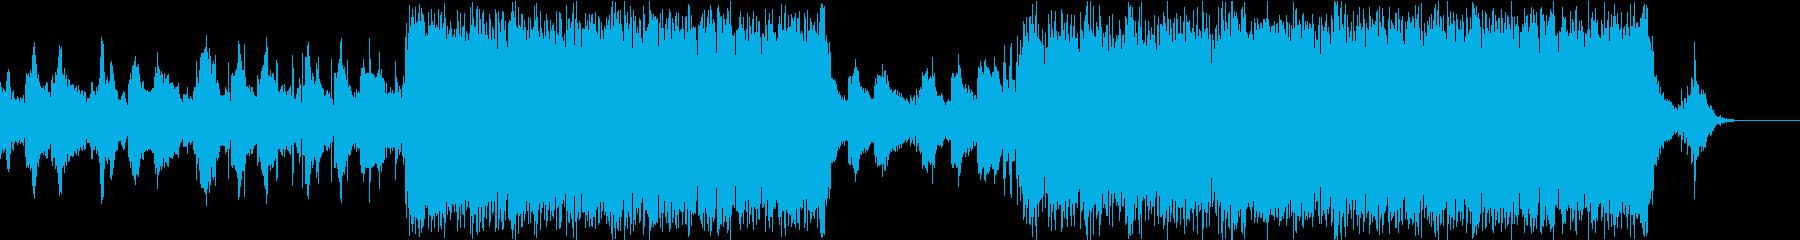 ハリウッド映画 ピアノ系トレーラーの再生済みの波形